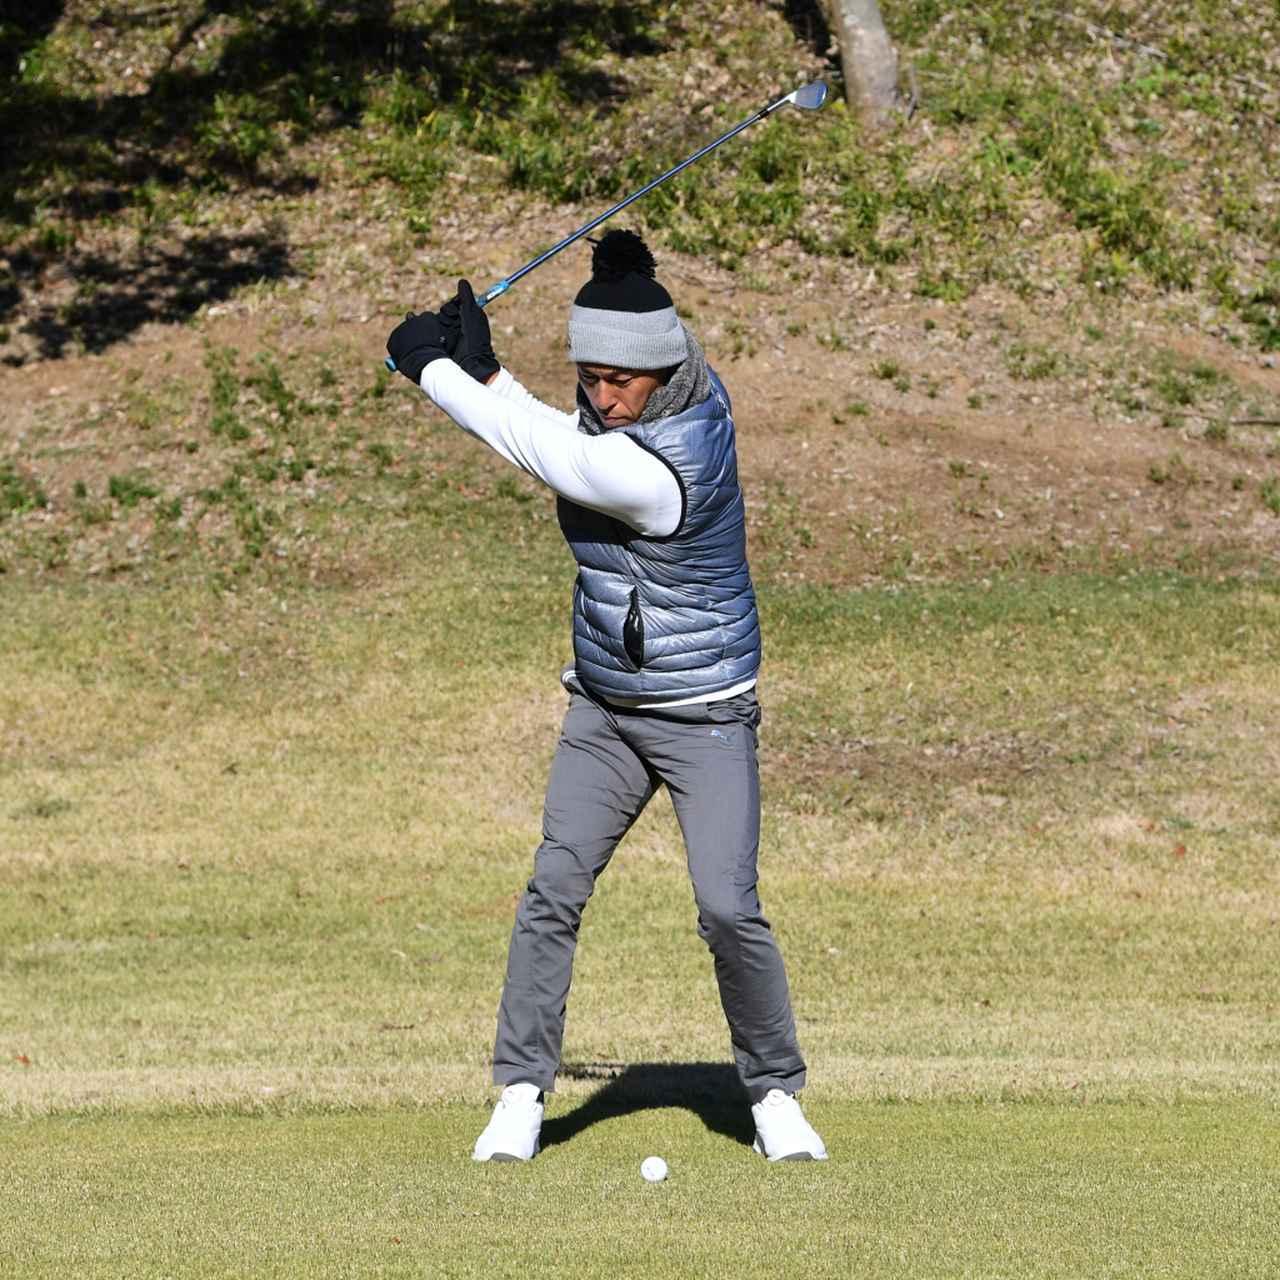 画像7: 【冬ゴルフのスコアメーク】今すぐ試したいテクニック「ティショット&セカンド編」。ベストスコアを冬に出す